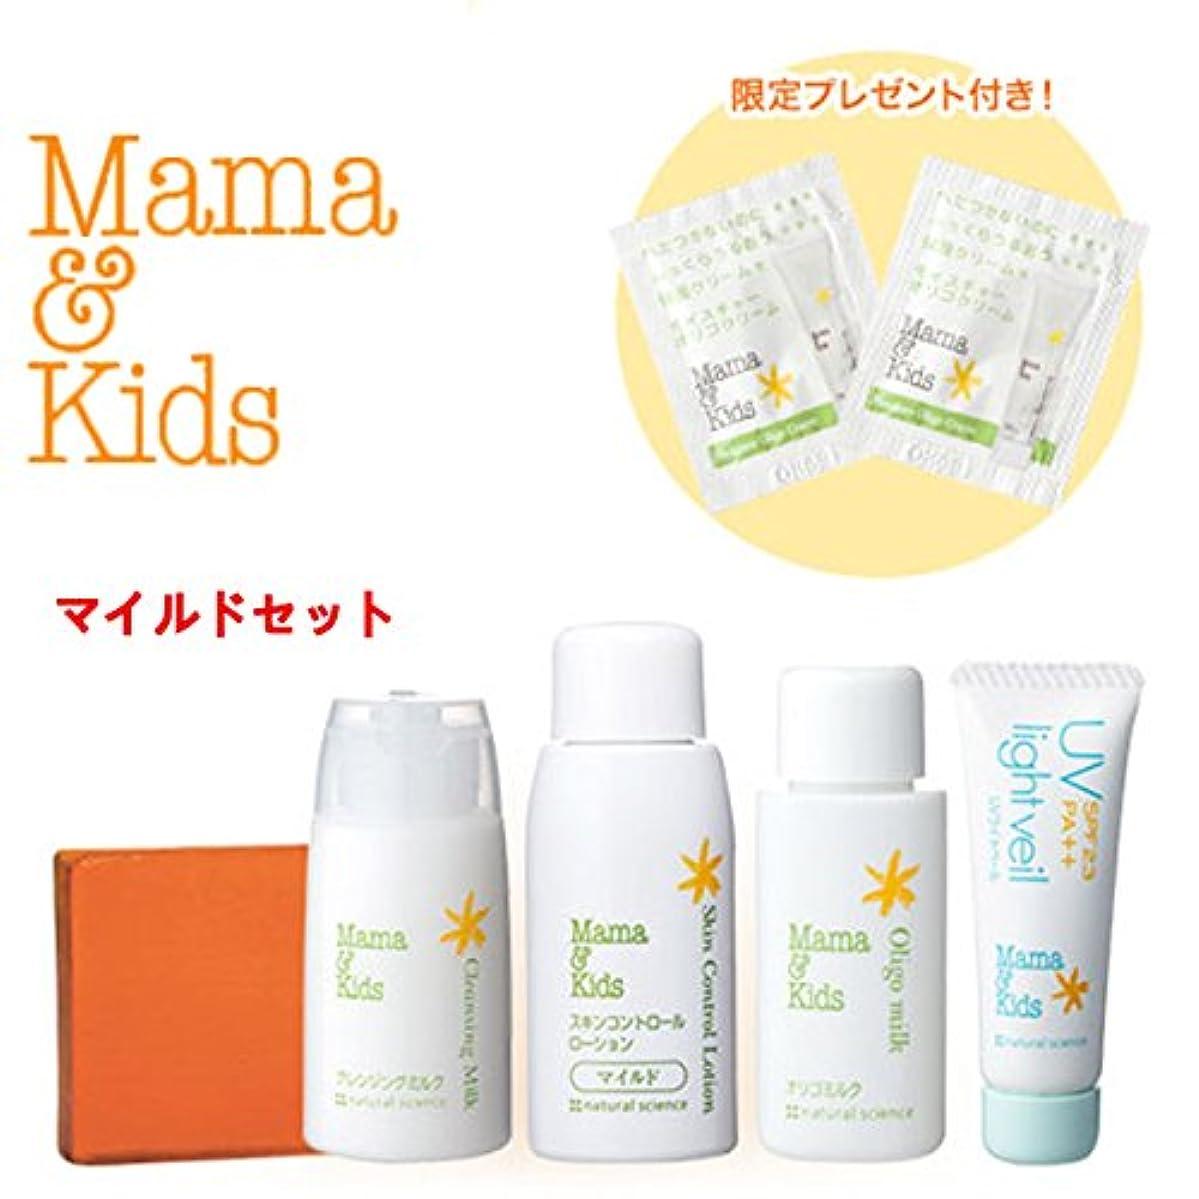 見落とすチャンス機関車ママ&キッズぷるぷるお肌トライアルセット(マイルド)/Mama&Kids SkinCare Travel set/孕期基础护肤试用装普通保湿